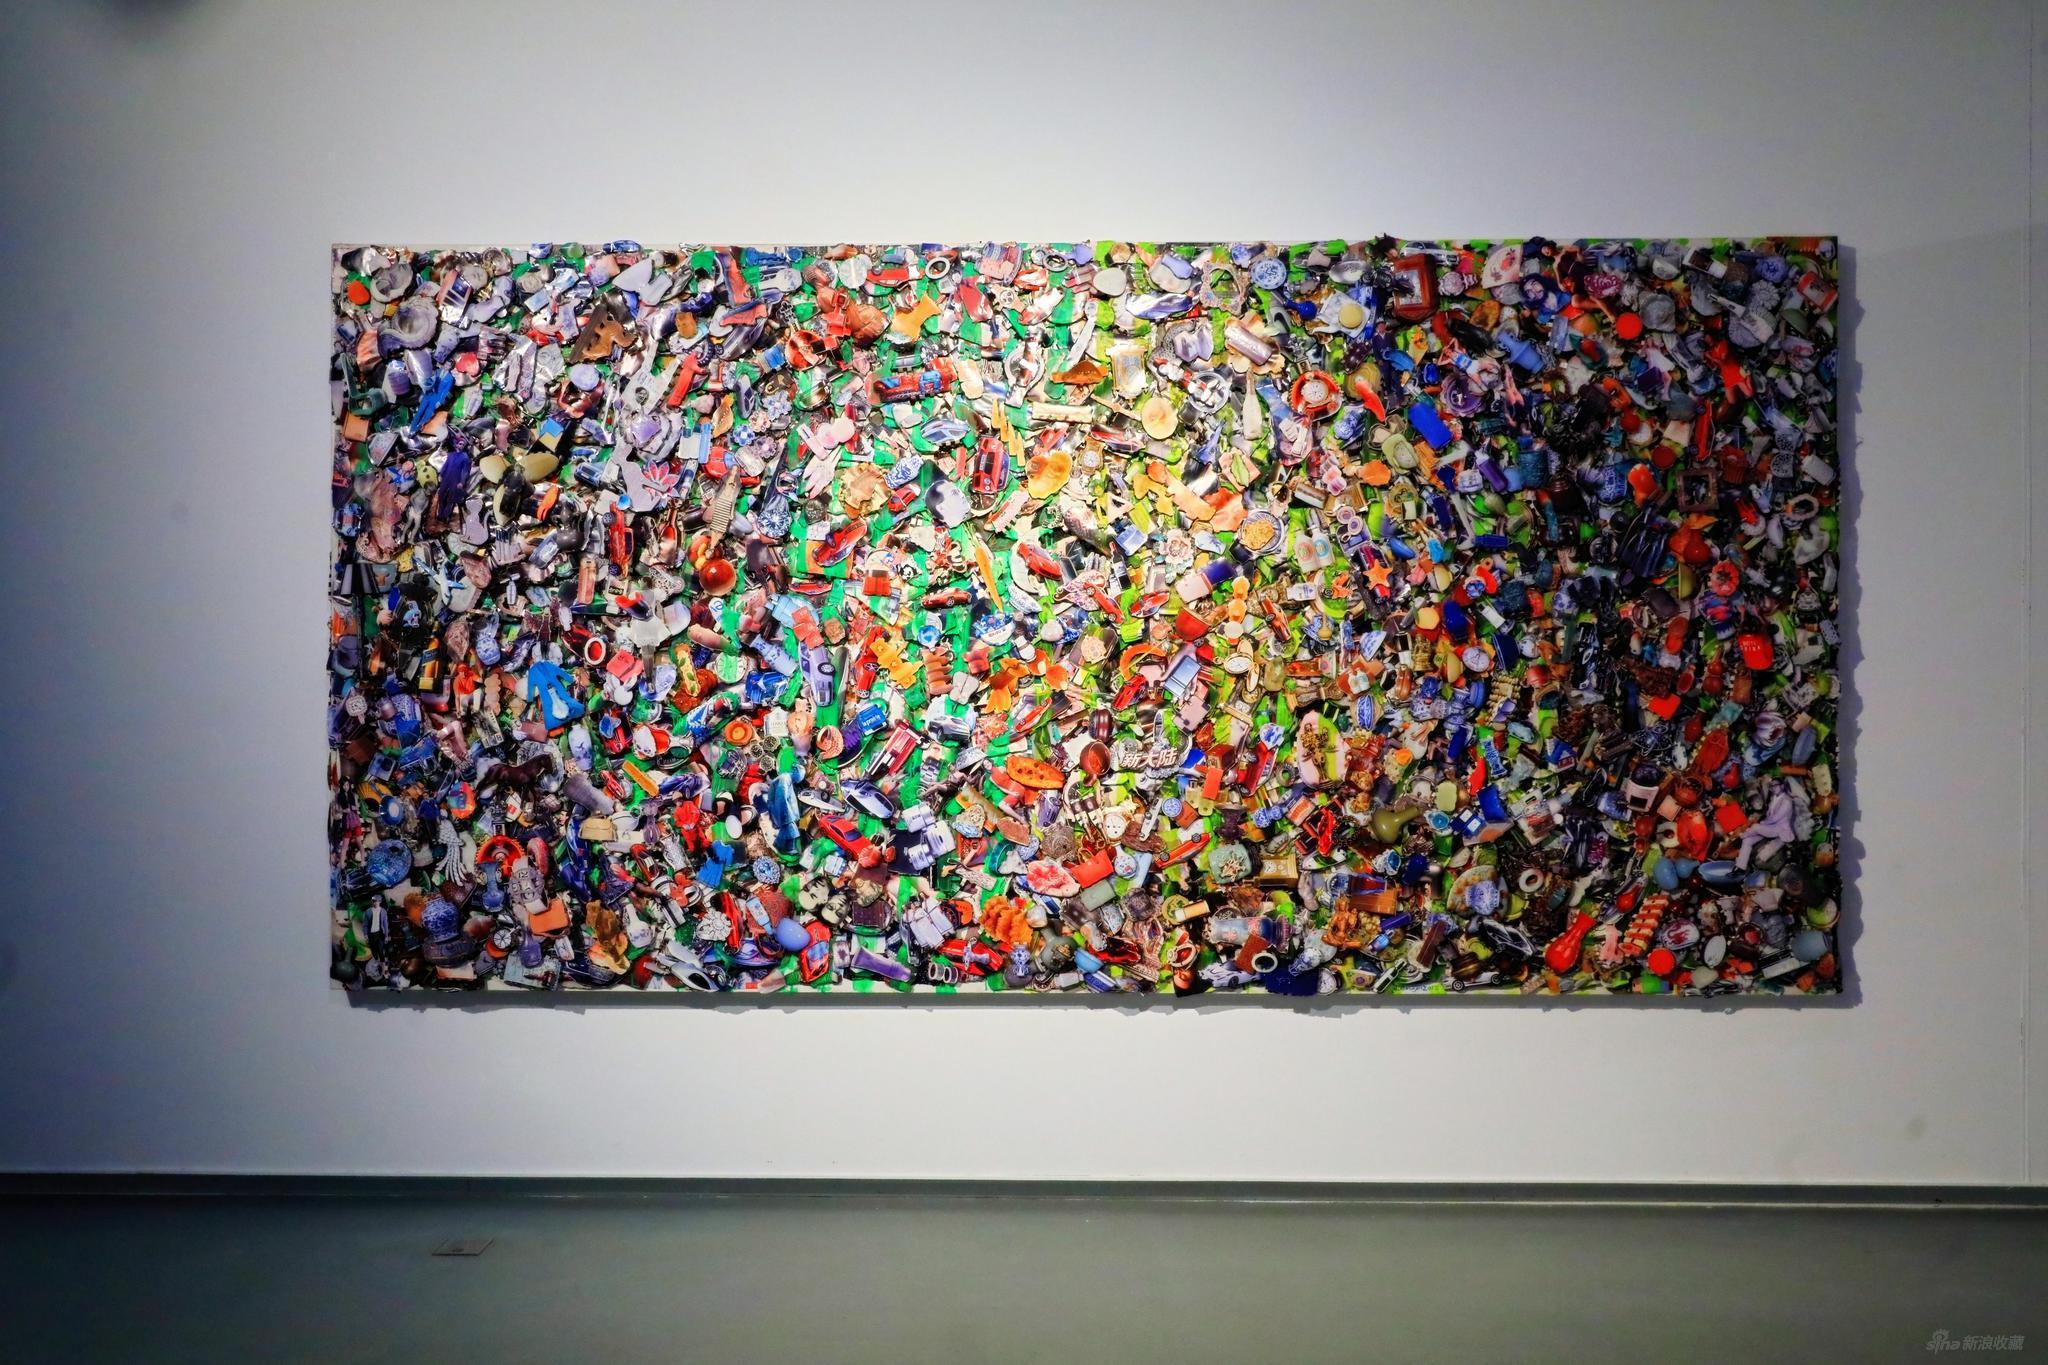 岳敏君,琐碎2,2012年